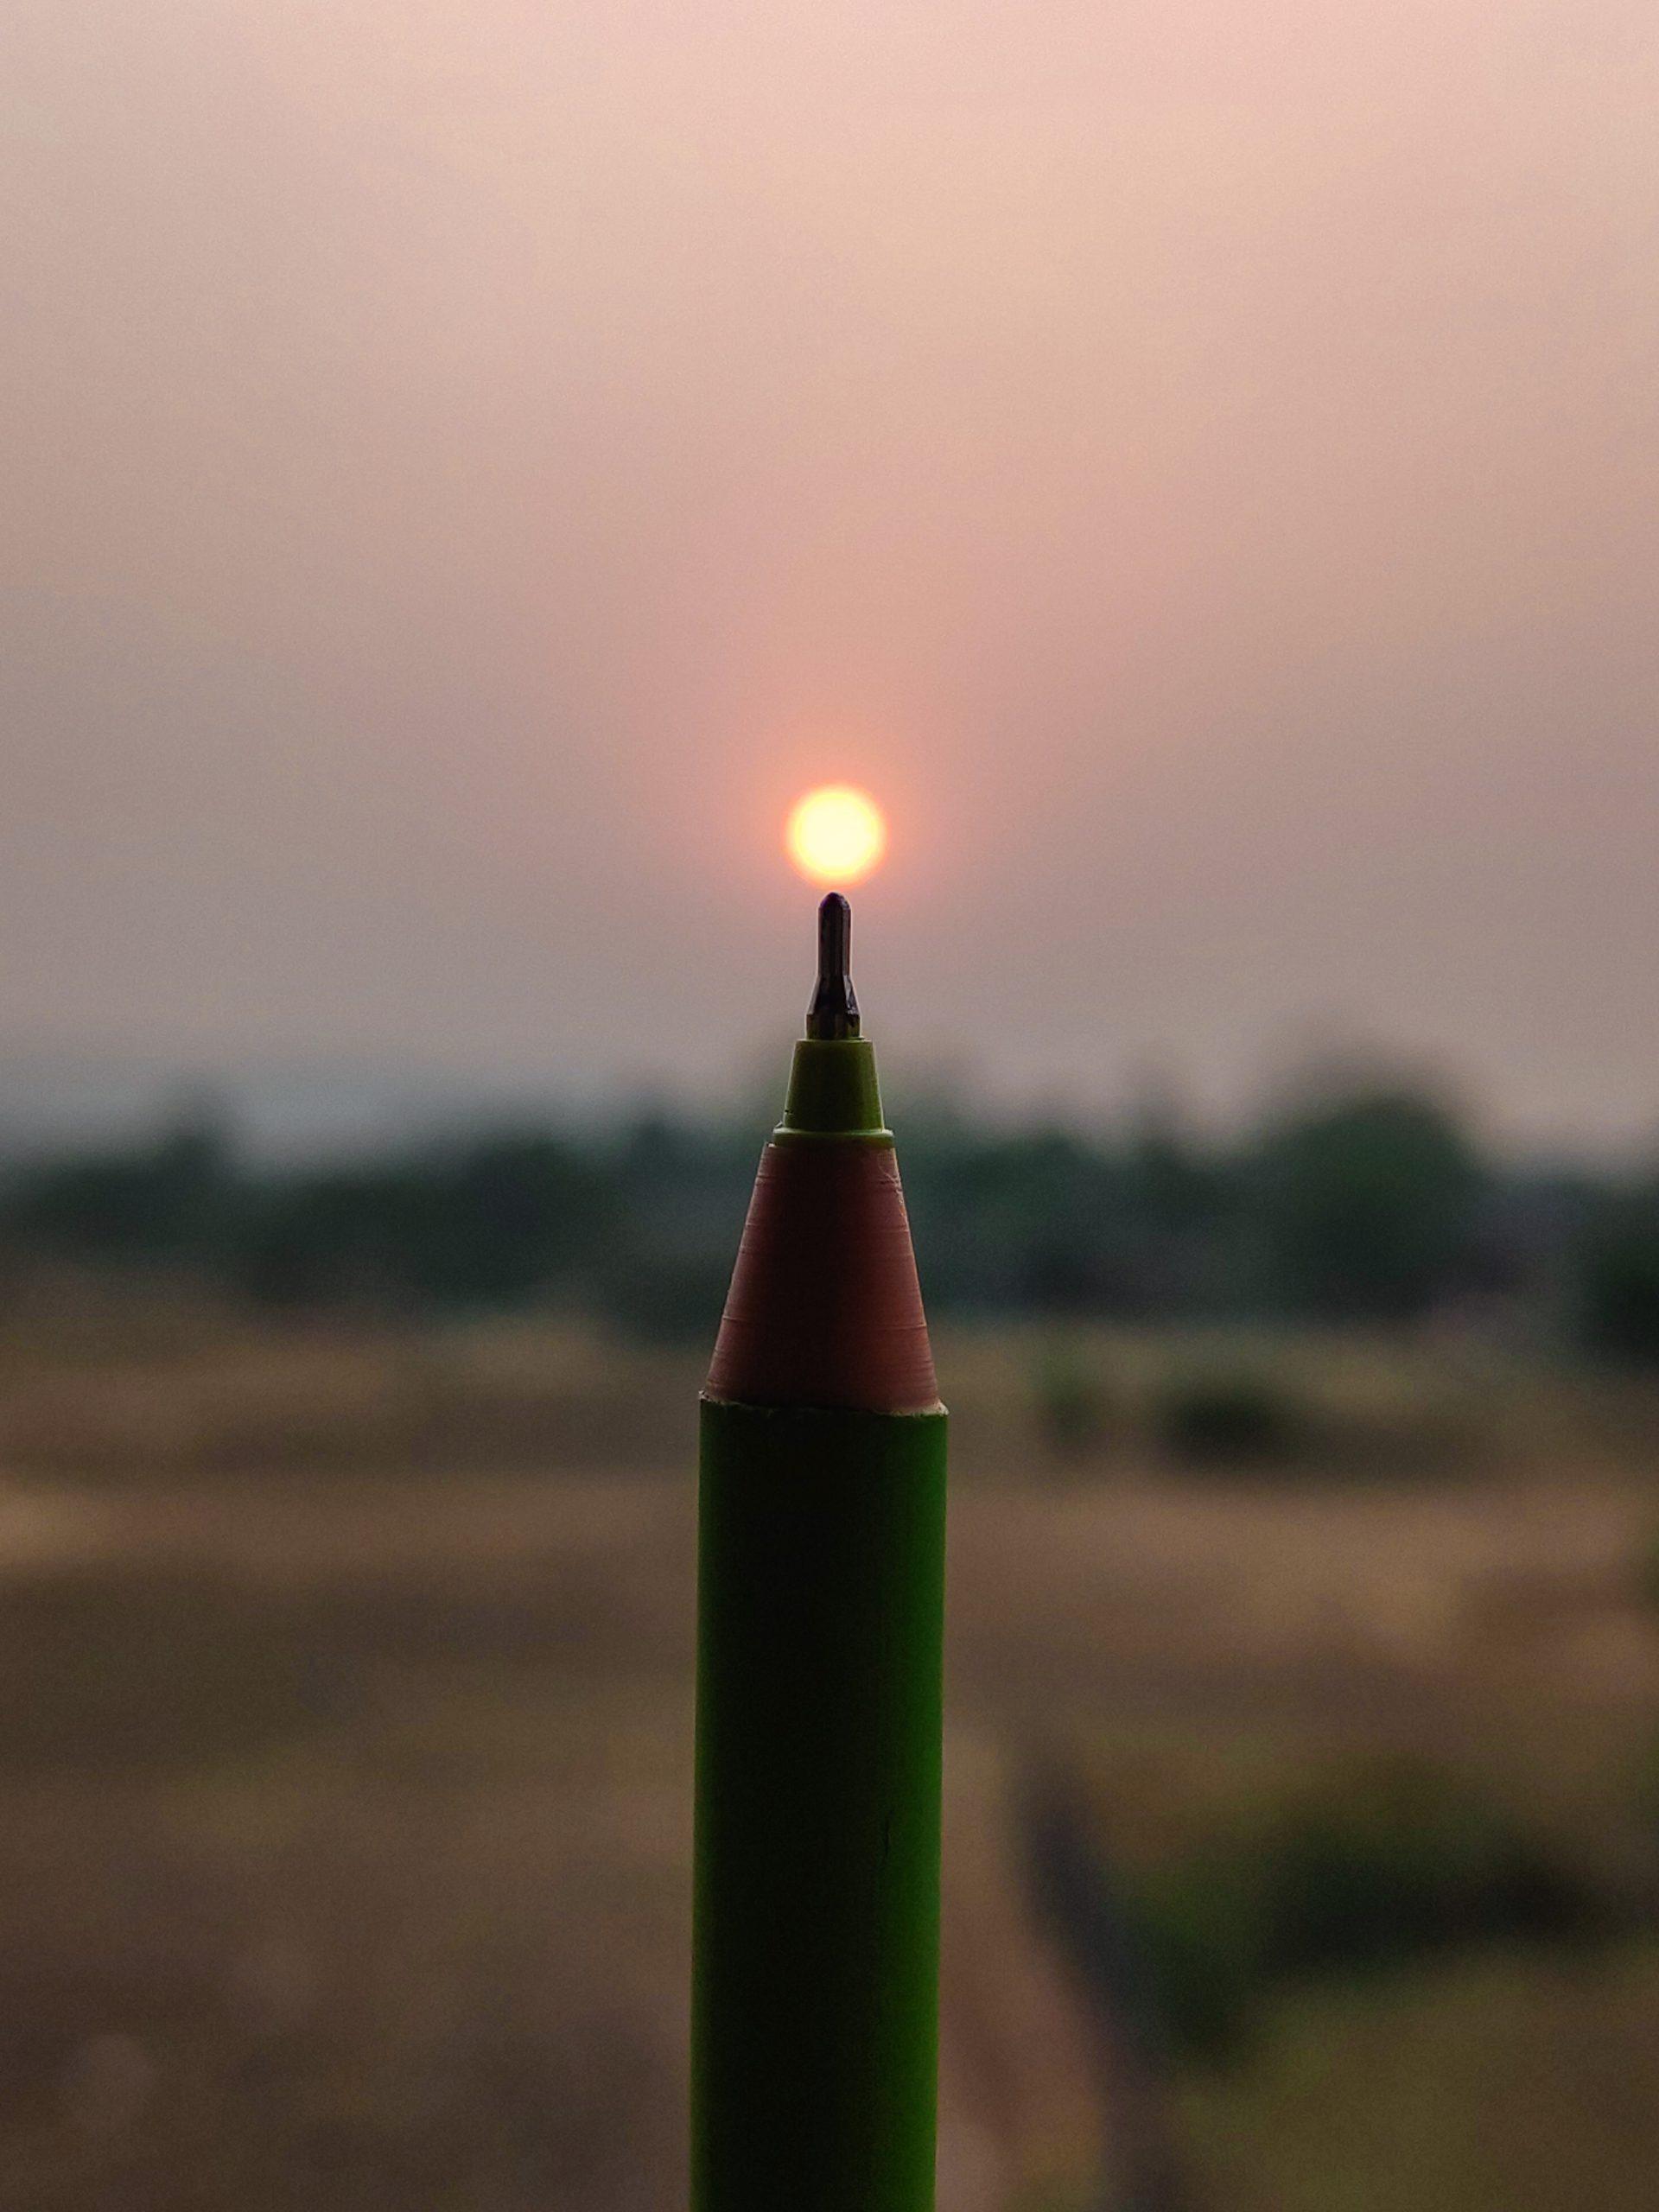 Sun on pen nib